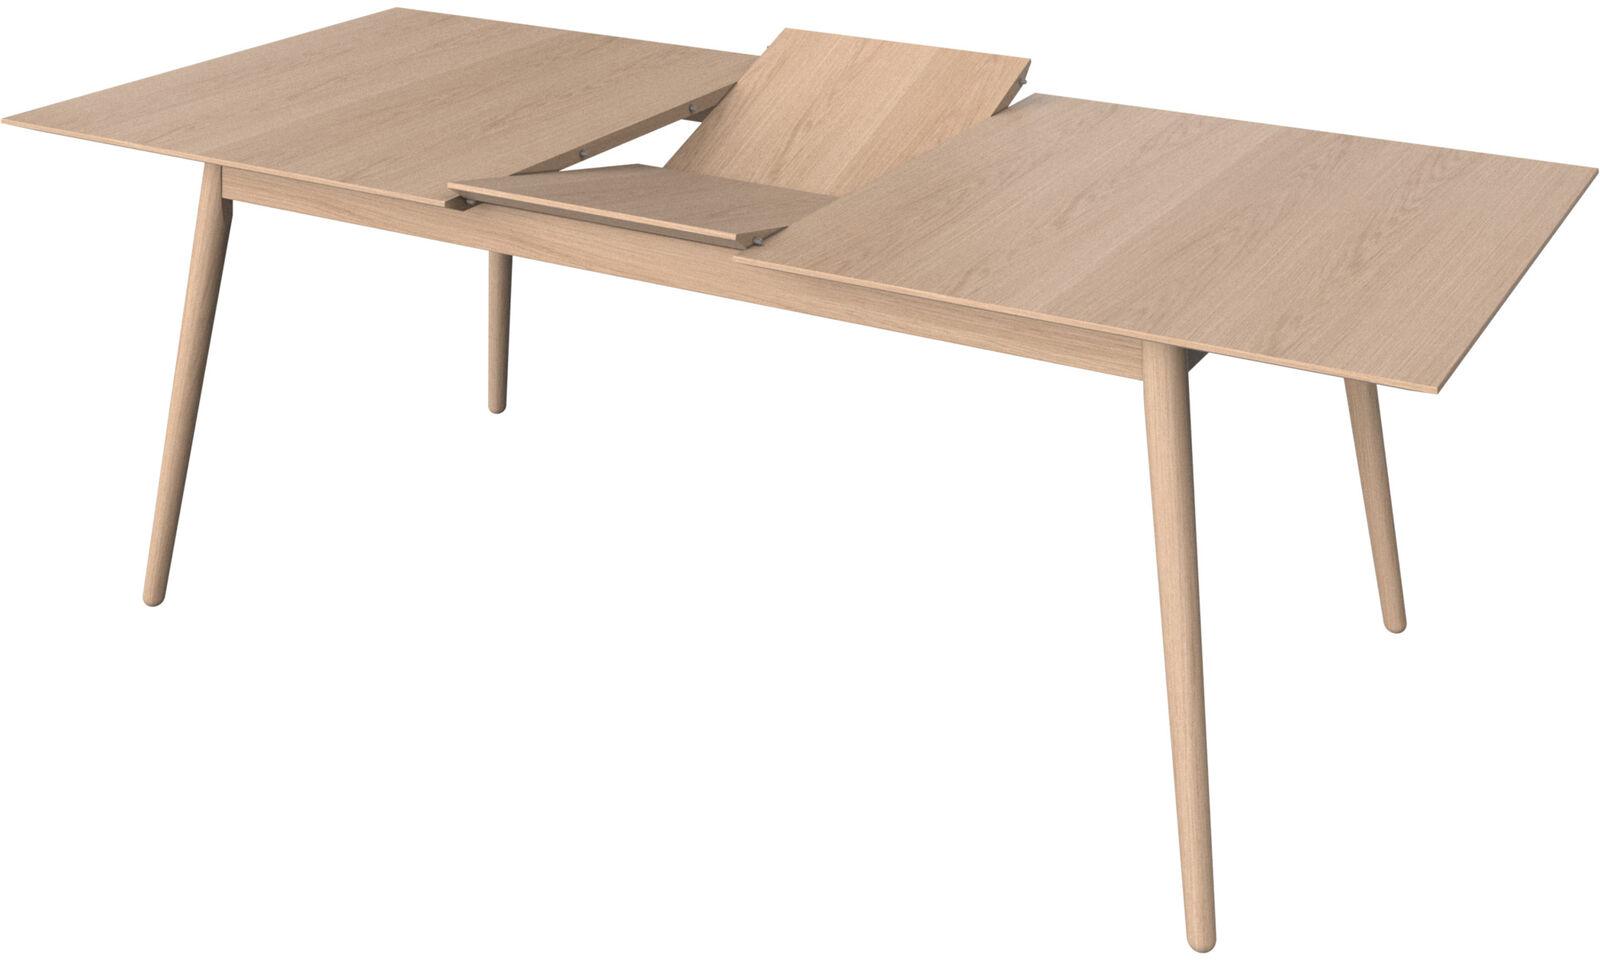 ボーコンセプト ダイニングテーブル ミラノ エクステンション